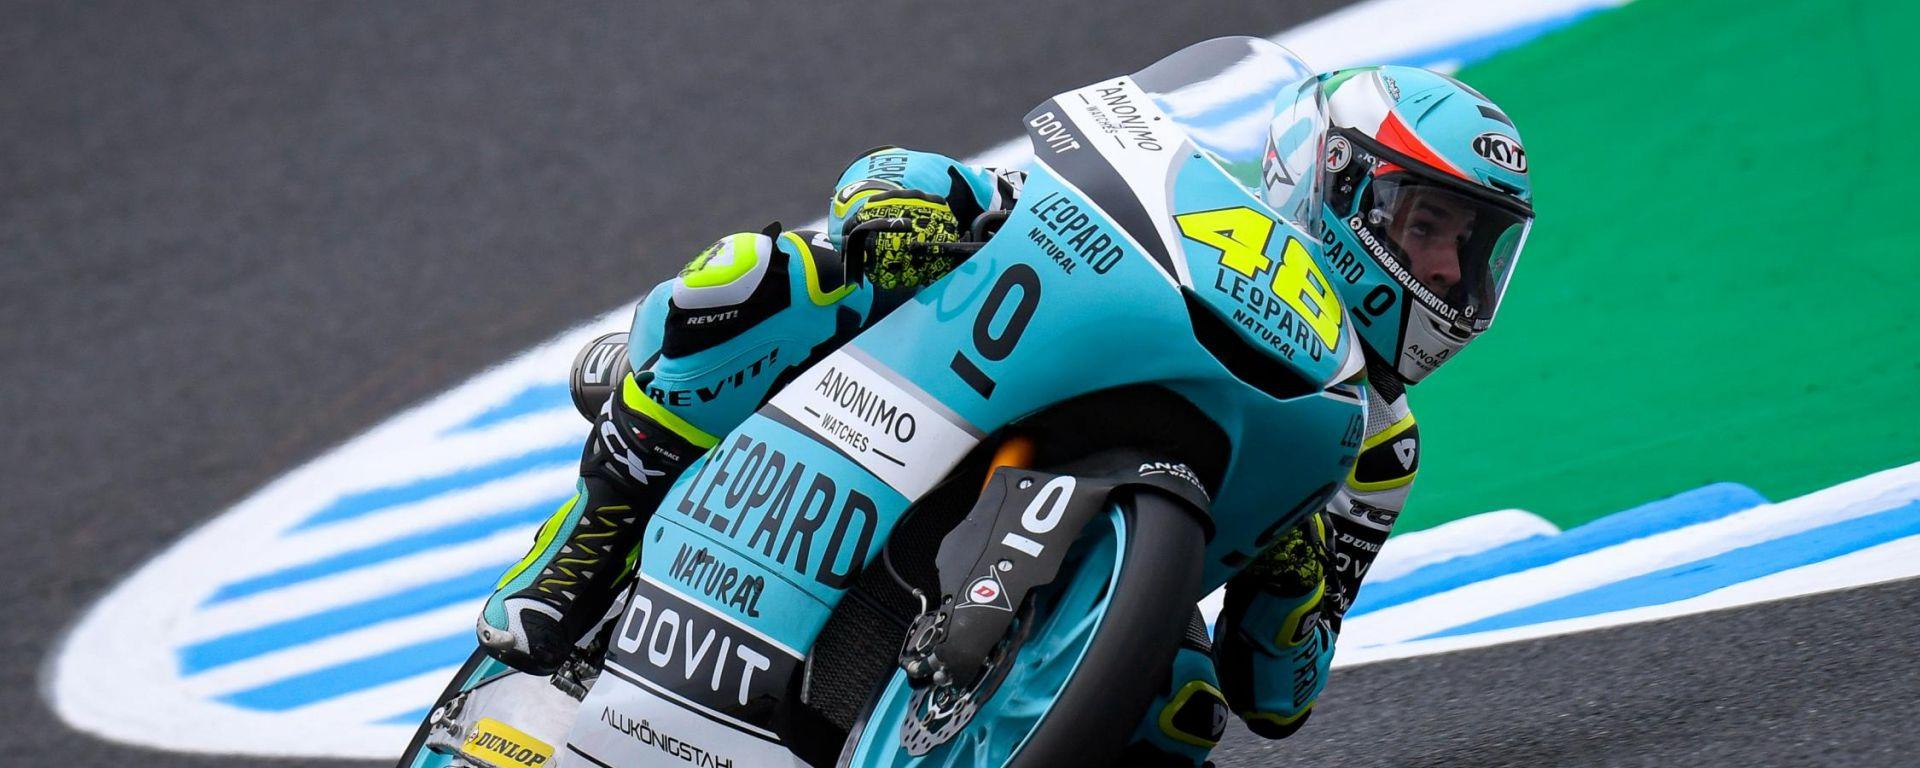 Moto3 Giappone 2019, Motegi: Lorenzo Dalla Porta (Team Leopard)